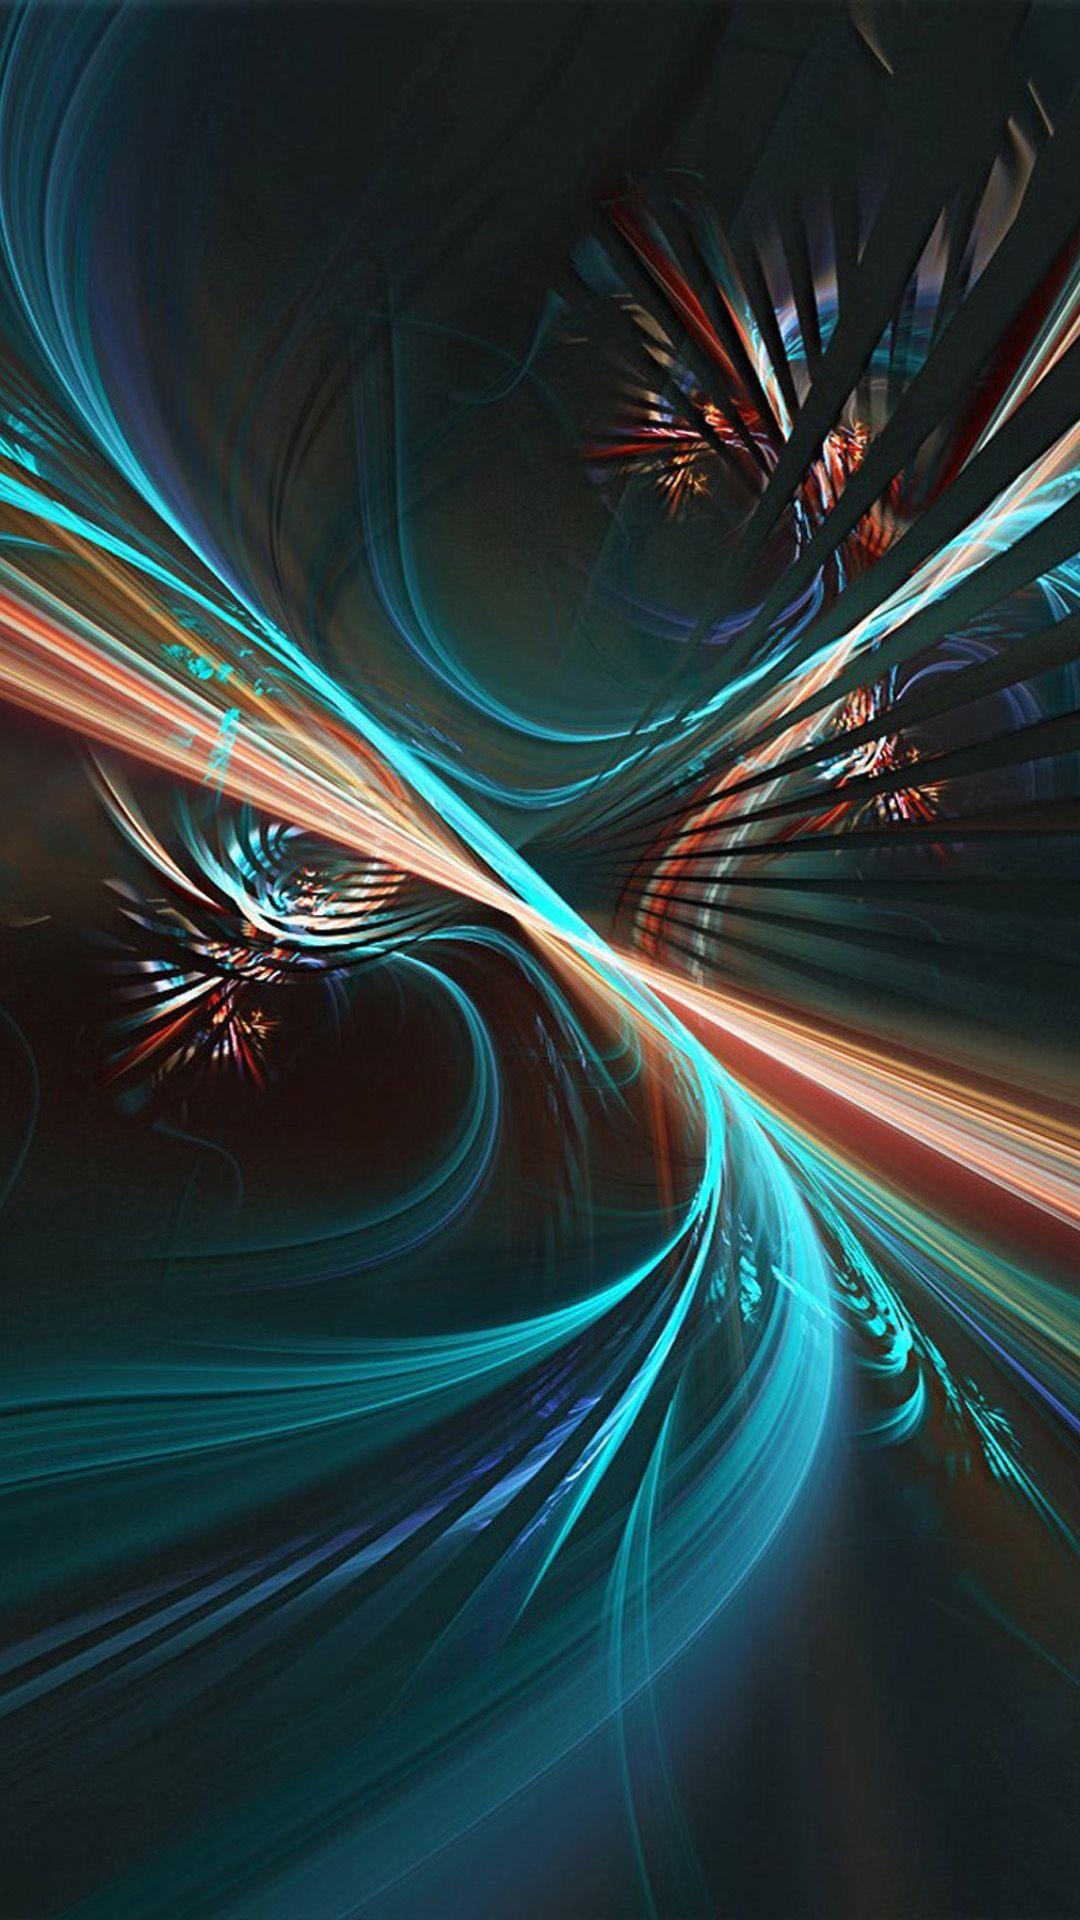 Abstract Galaxy wallpaper hd